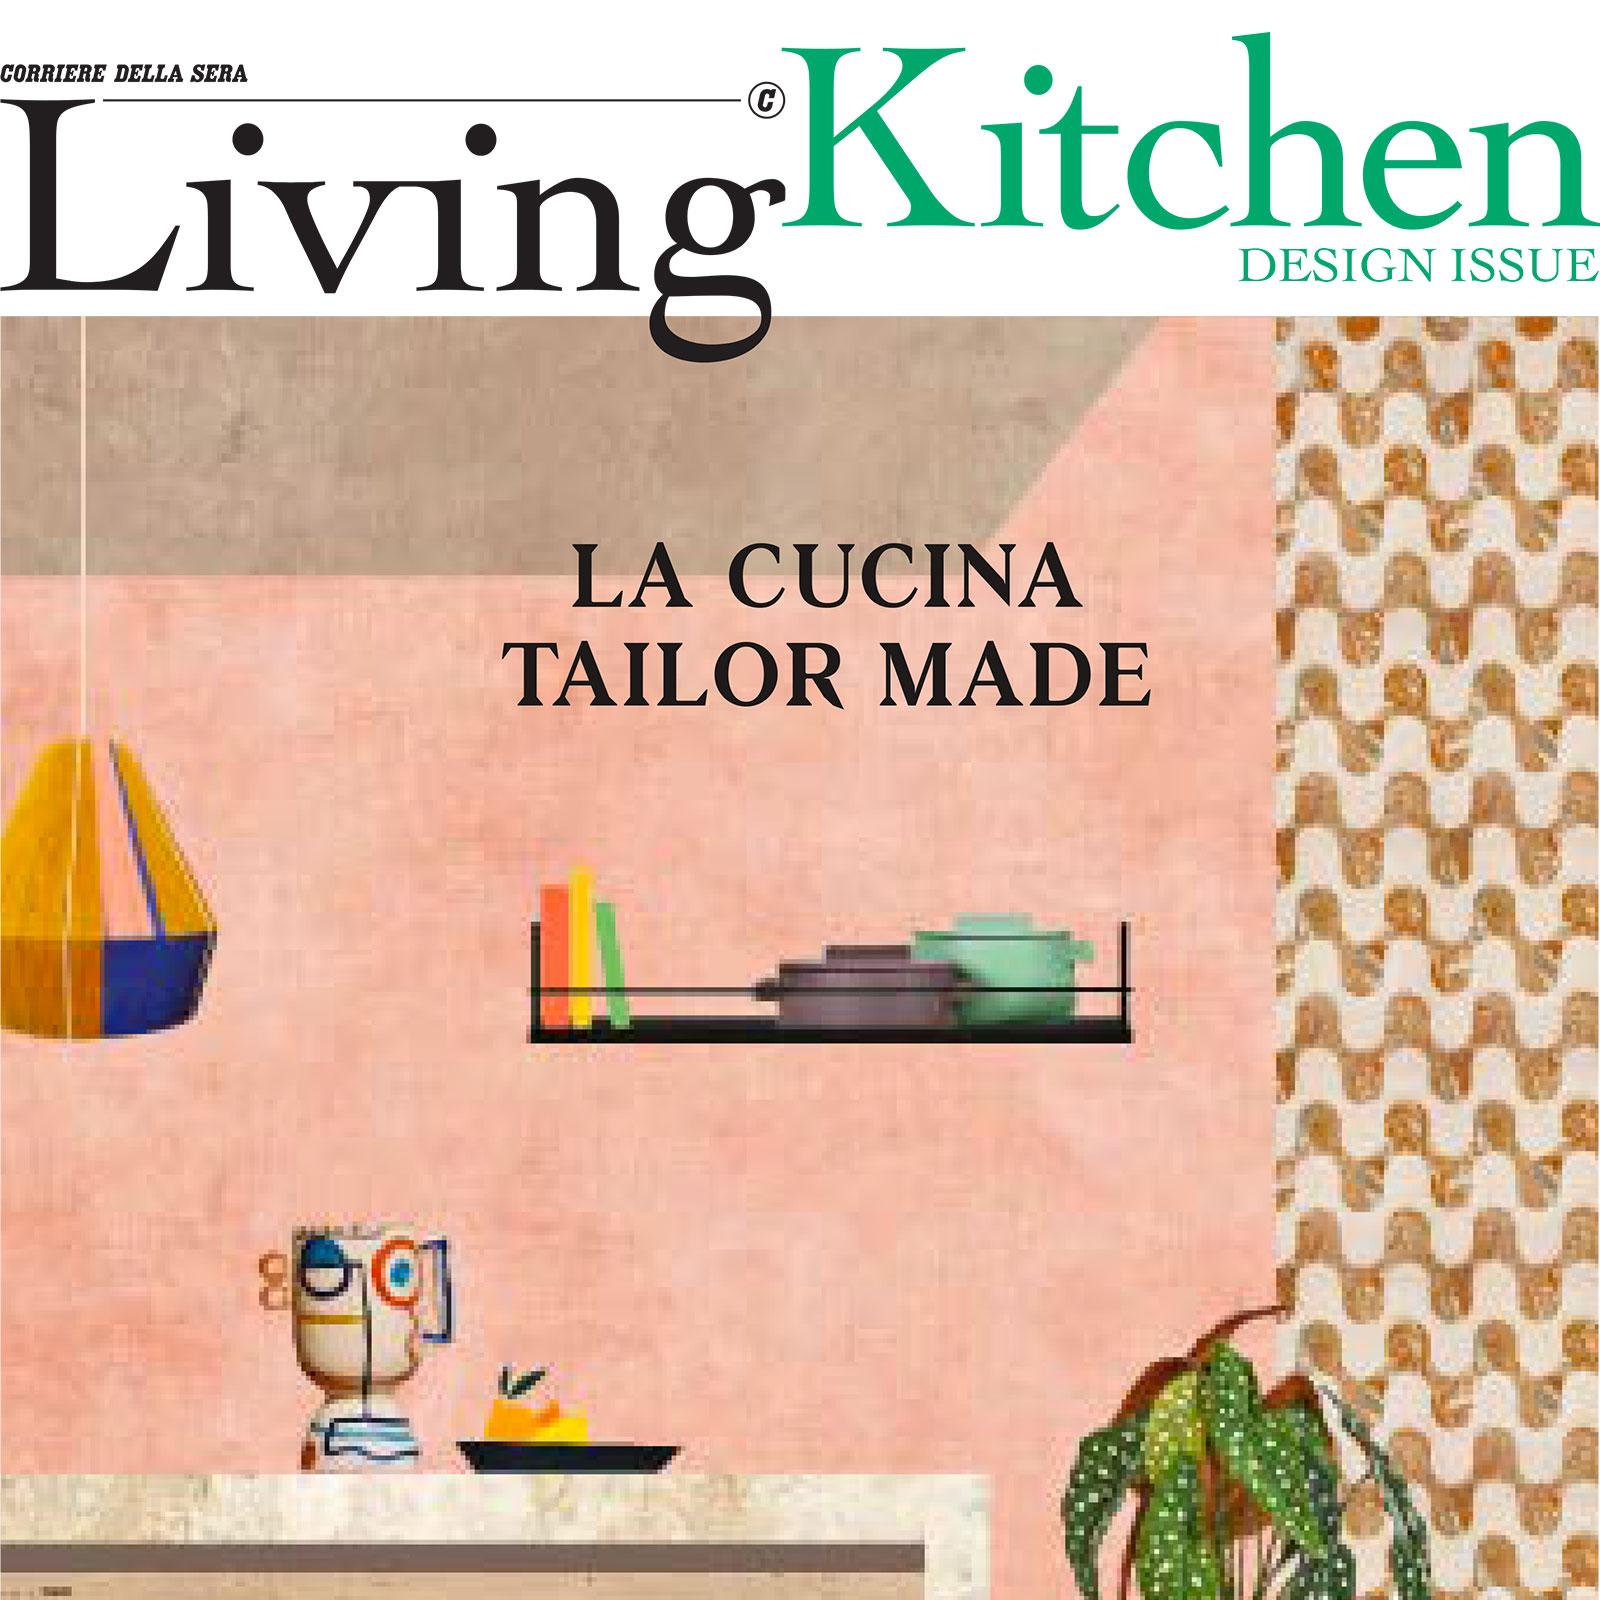 madeamano-press-2019-06-giugno-living-kitchen-corriere-della-sera